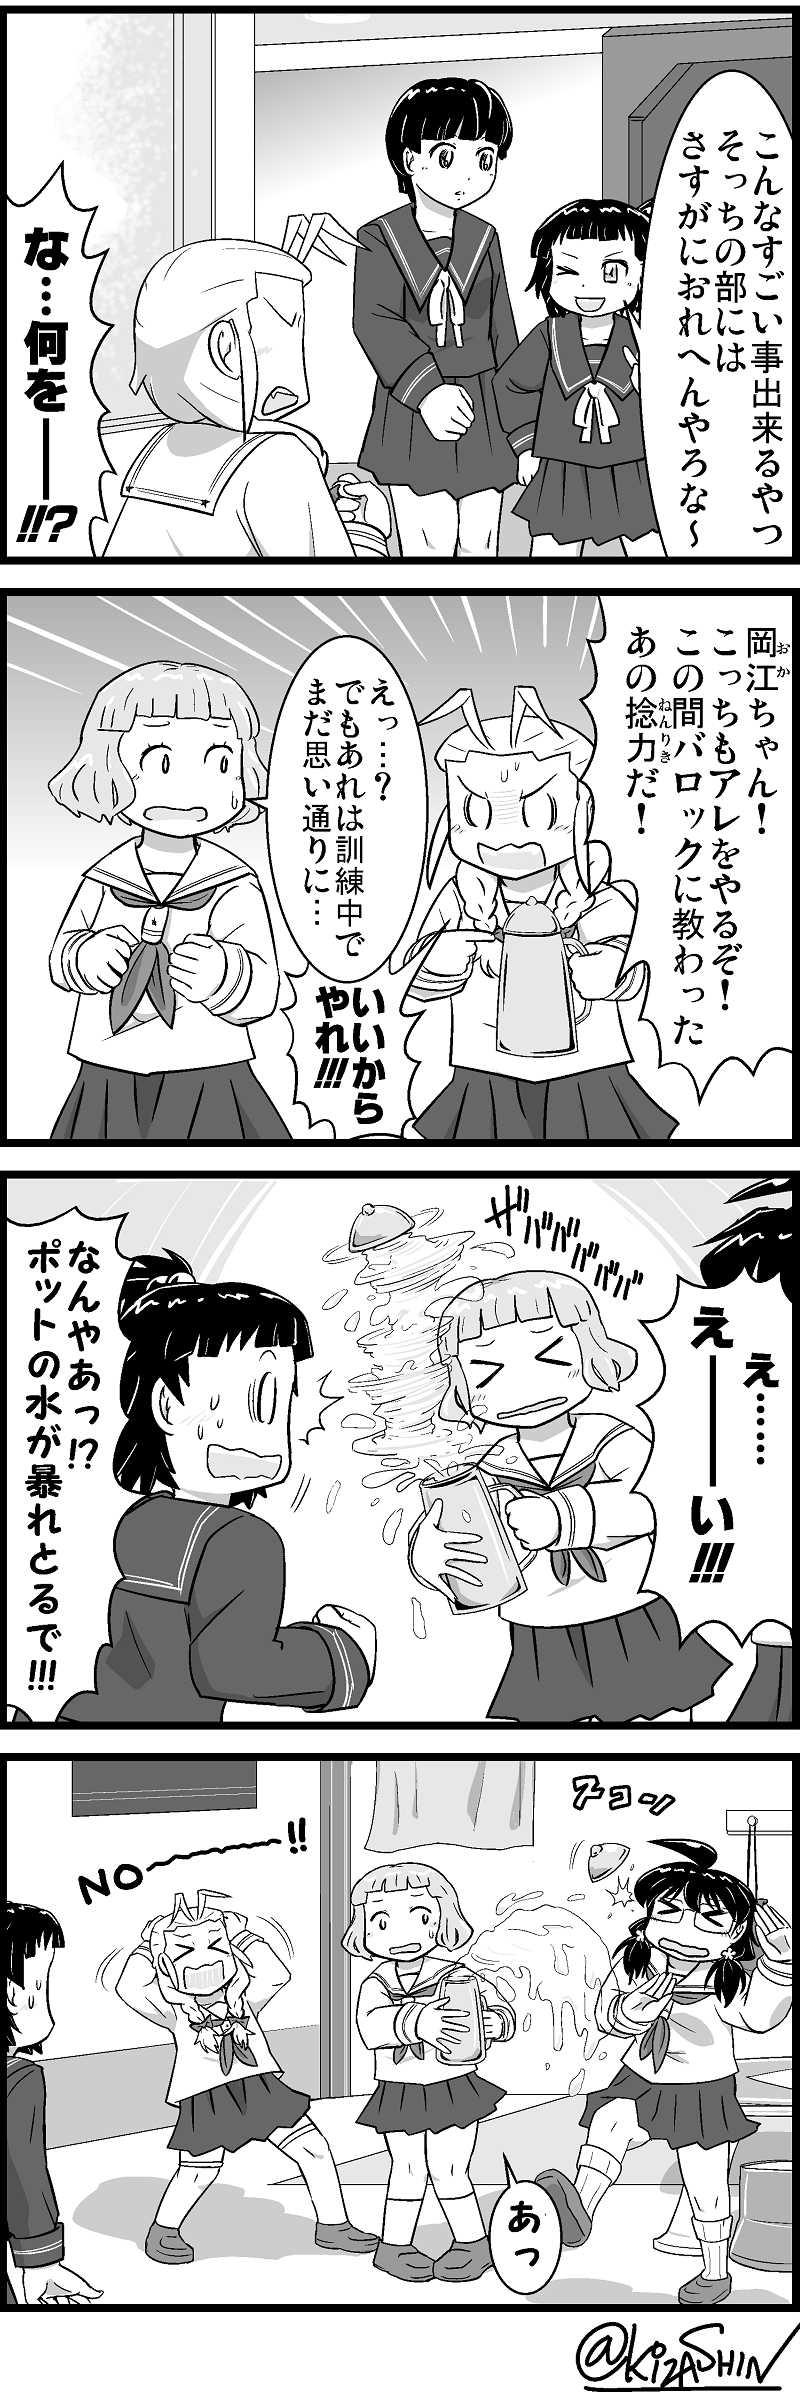 第54話 「マユタンと岡江ちゃんの不思議な力」